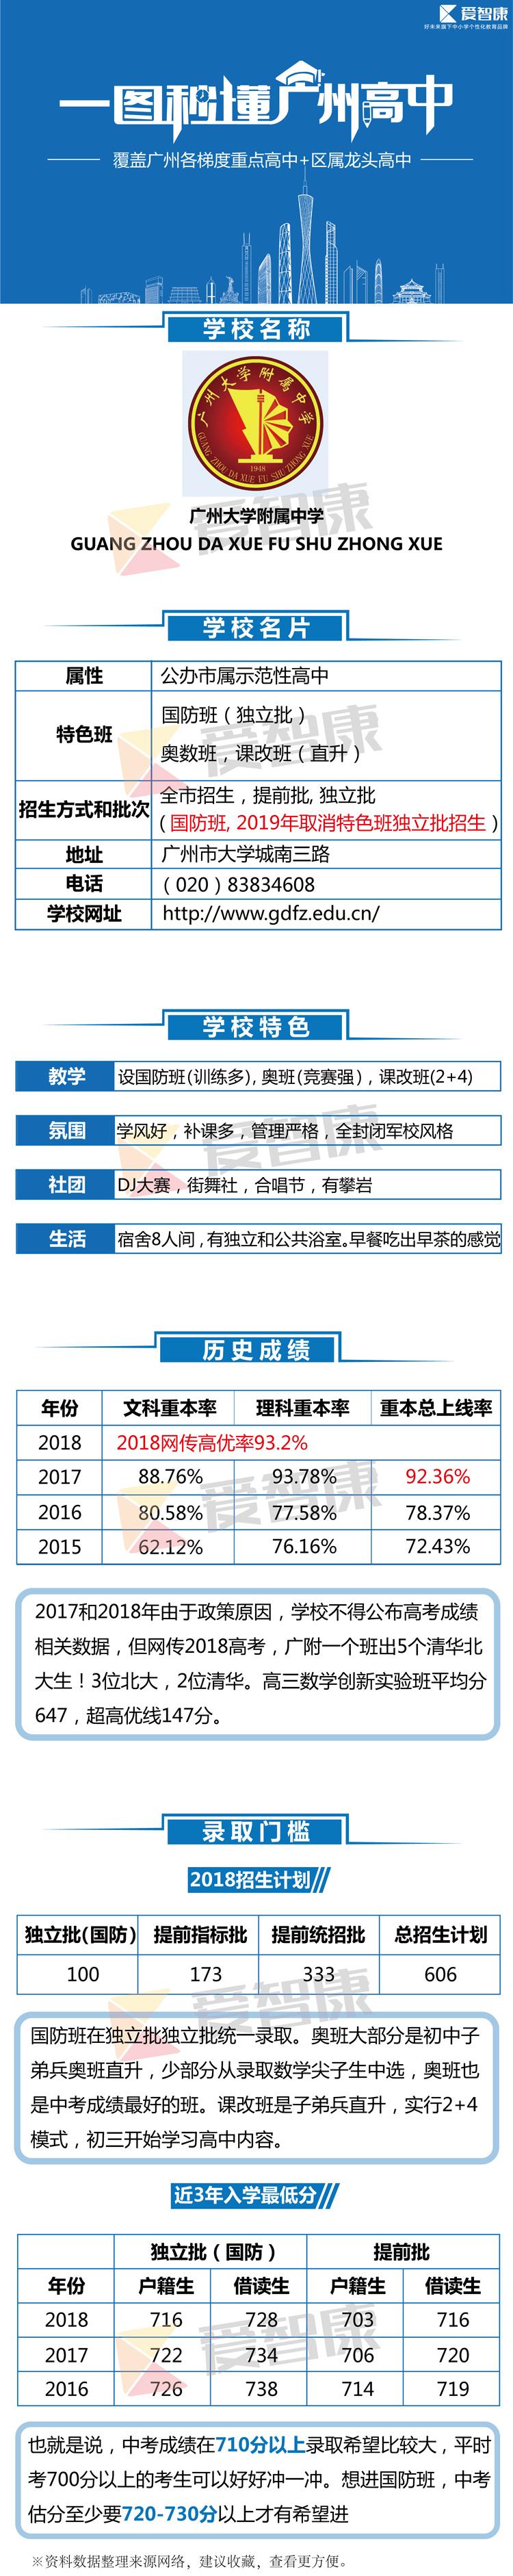 广州大学附属中学学习环境、历史成绩、录取分数